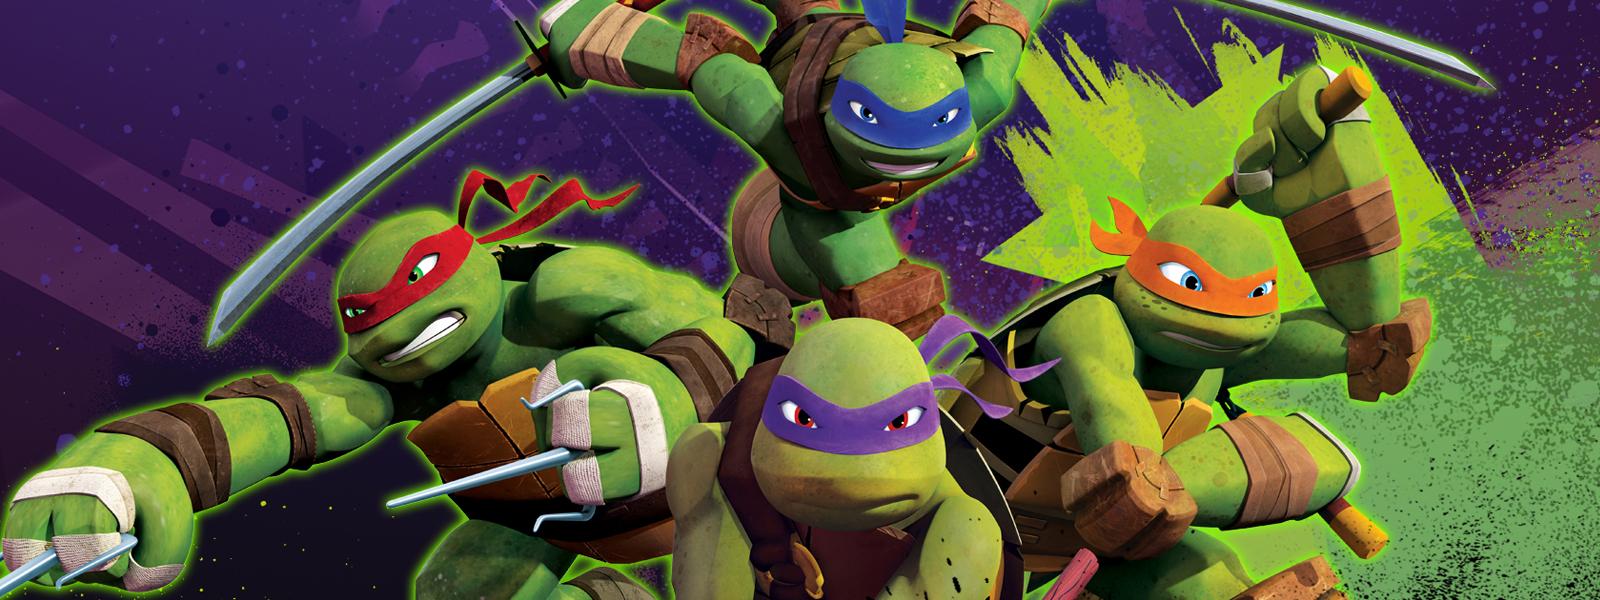 17+ images about turtle ninja on Pinterest | Ninja turtle birthday